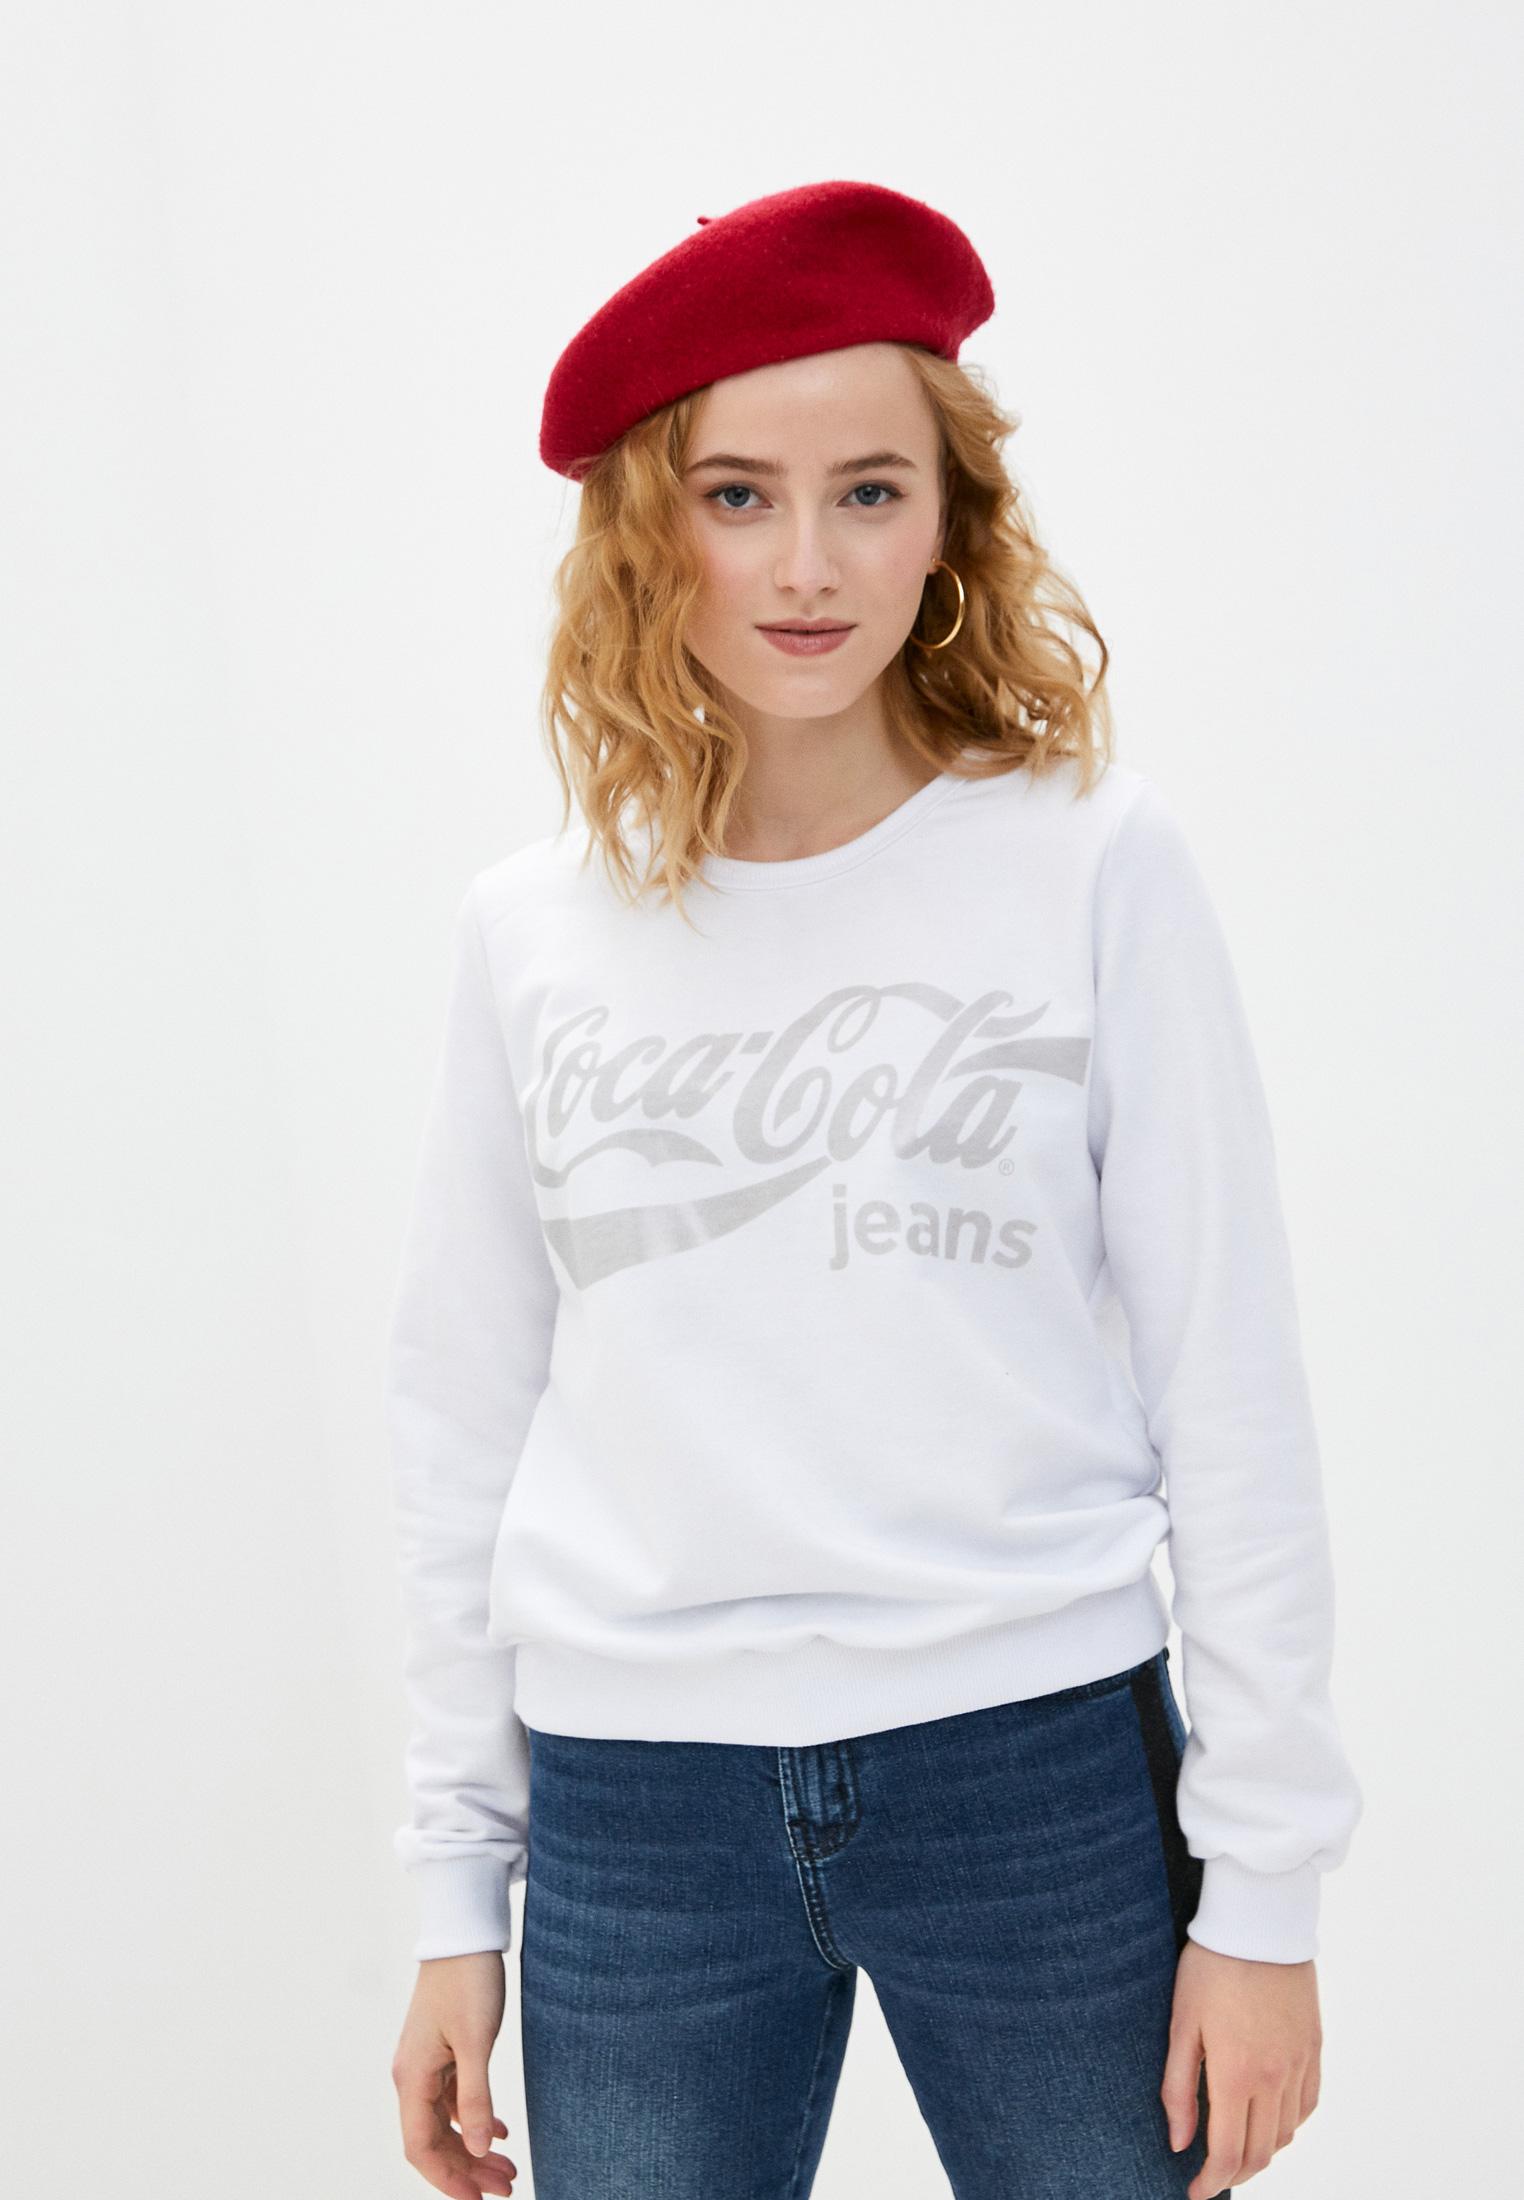 Свитер Coca Cola Jeans 040.32.00400